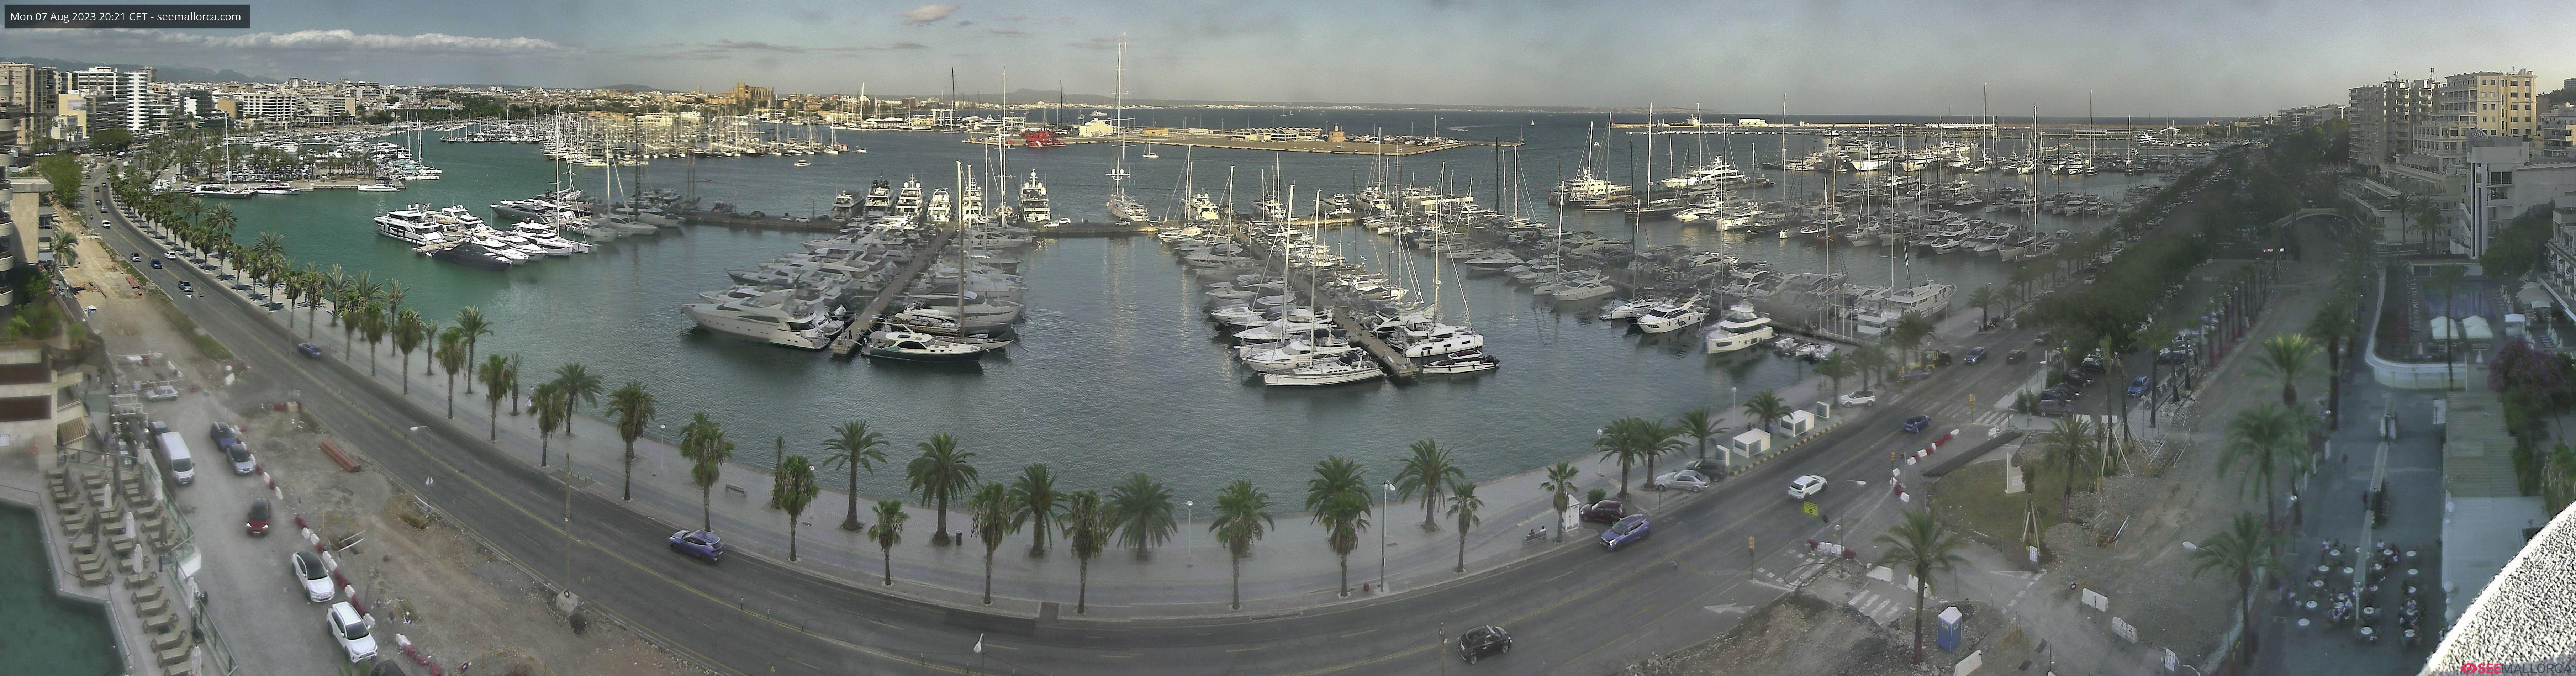 Port of Palma de Mallorca Webcams - Palma de Mallorca Port